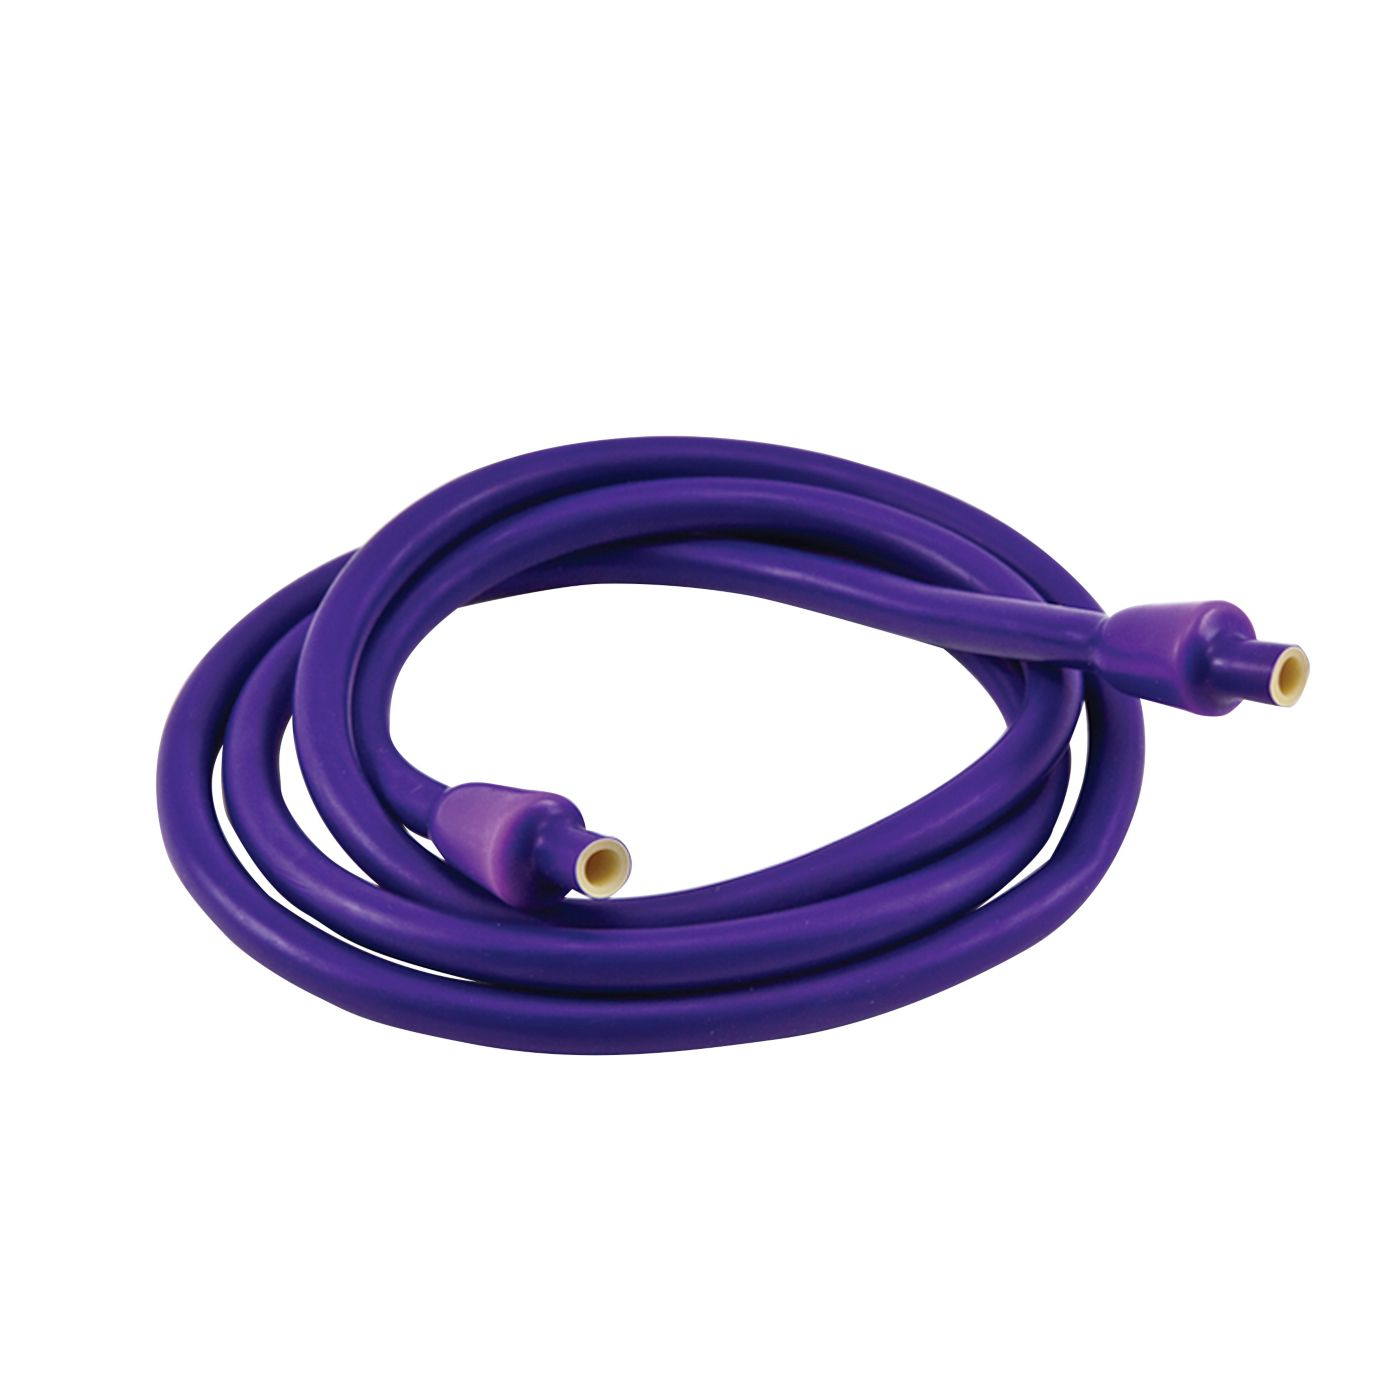 Lifeline R2 Resistance Cable 5FT- 20LB